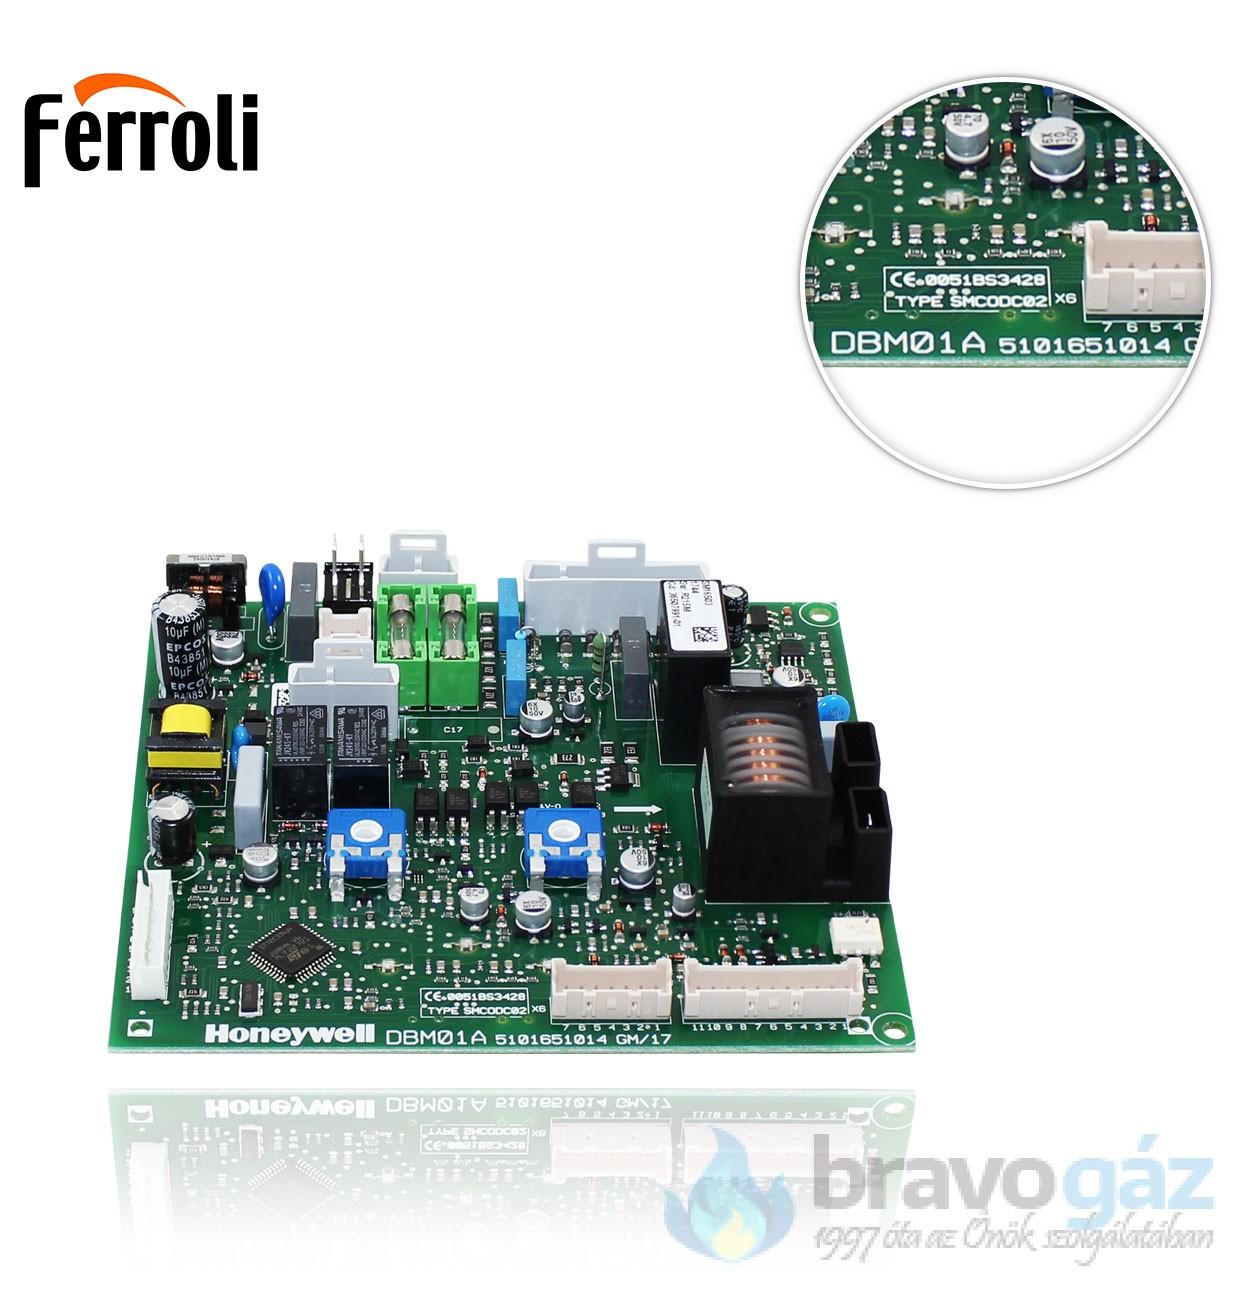 Ferroli panel Domiproject DBM01A